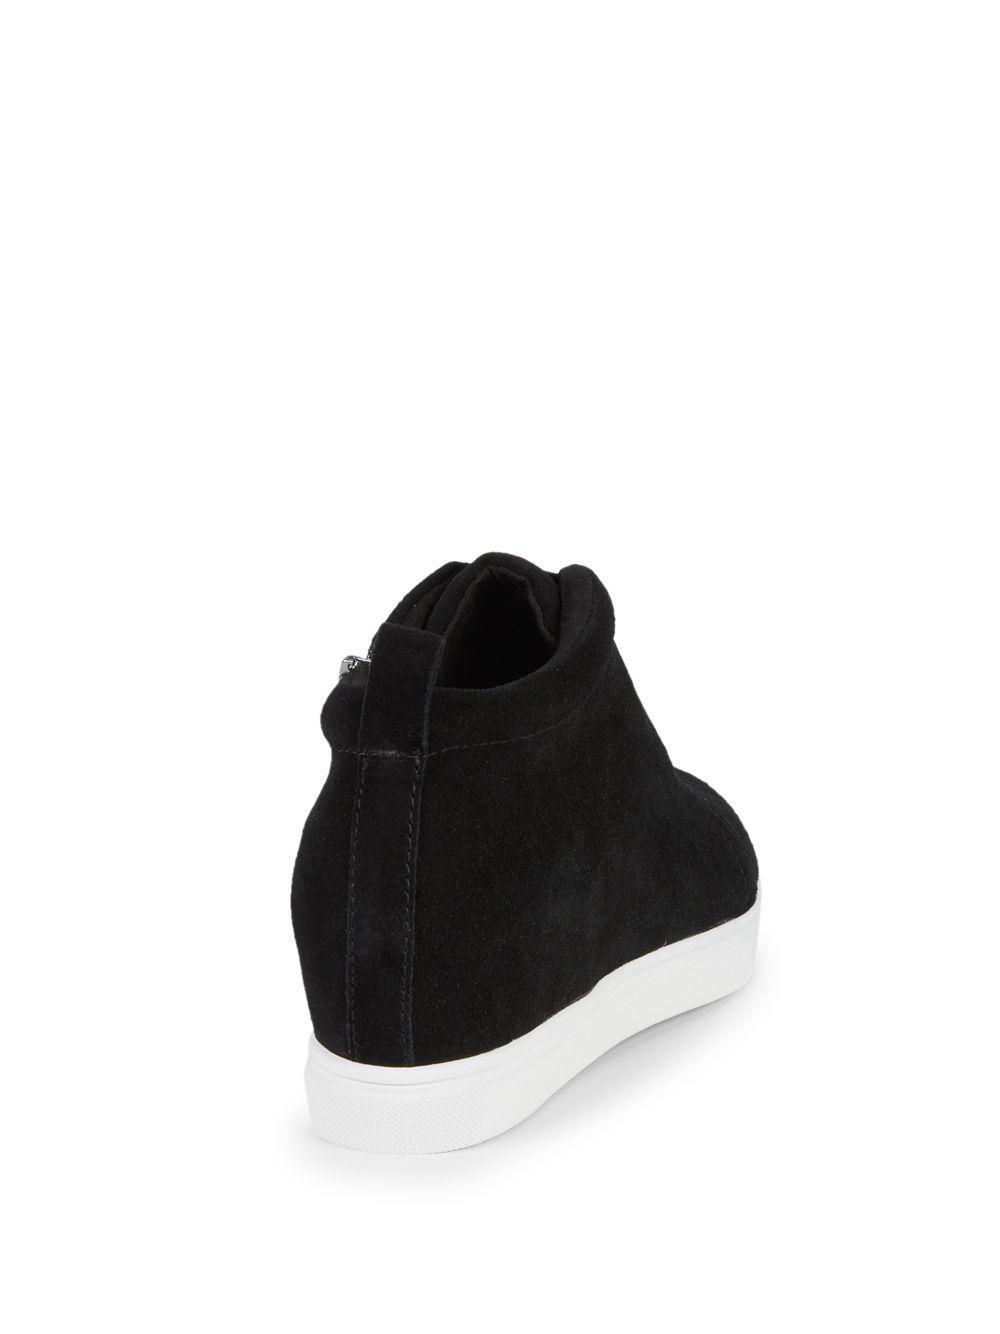 9b6c2947597 Blondo Garrick Suede Wedge Sneakers in Black - Lyst